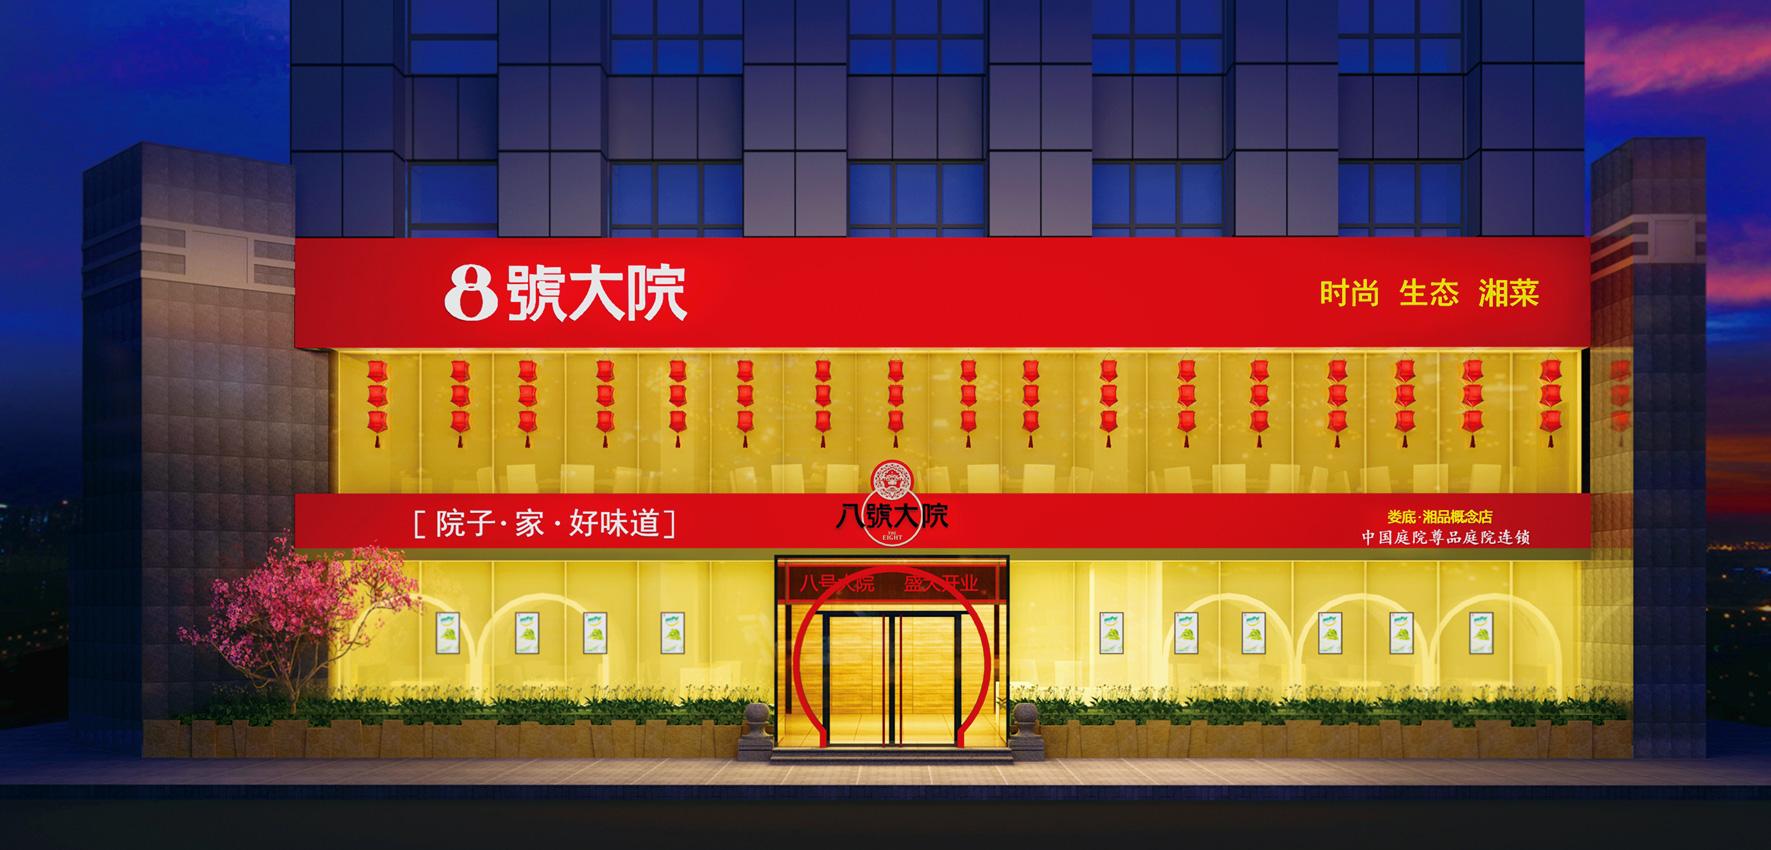 2(八号大院-娄底店)